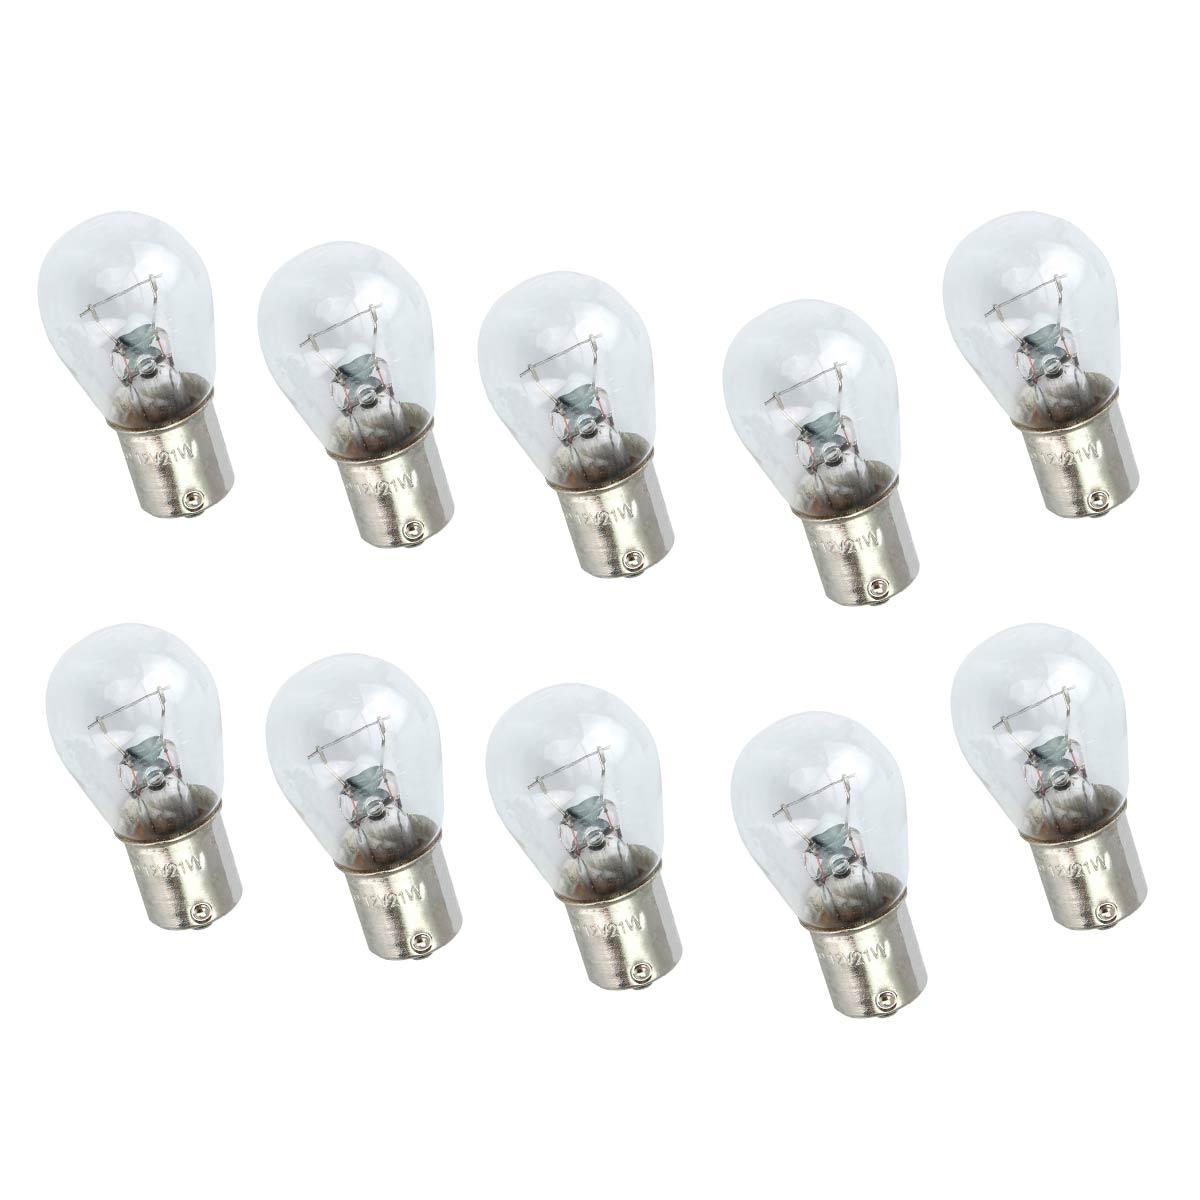 Kit 10 lâmpadas 1 polo 1141 24 Volts 21W